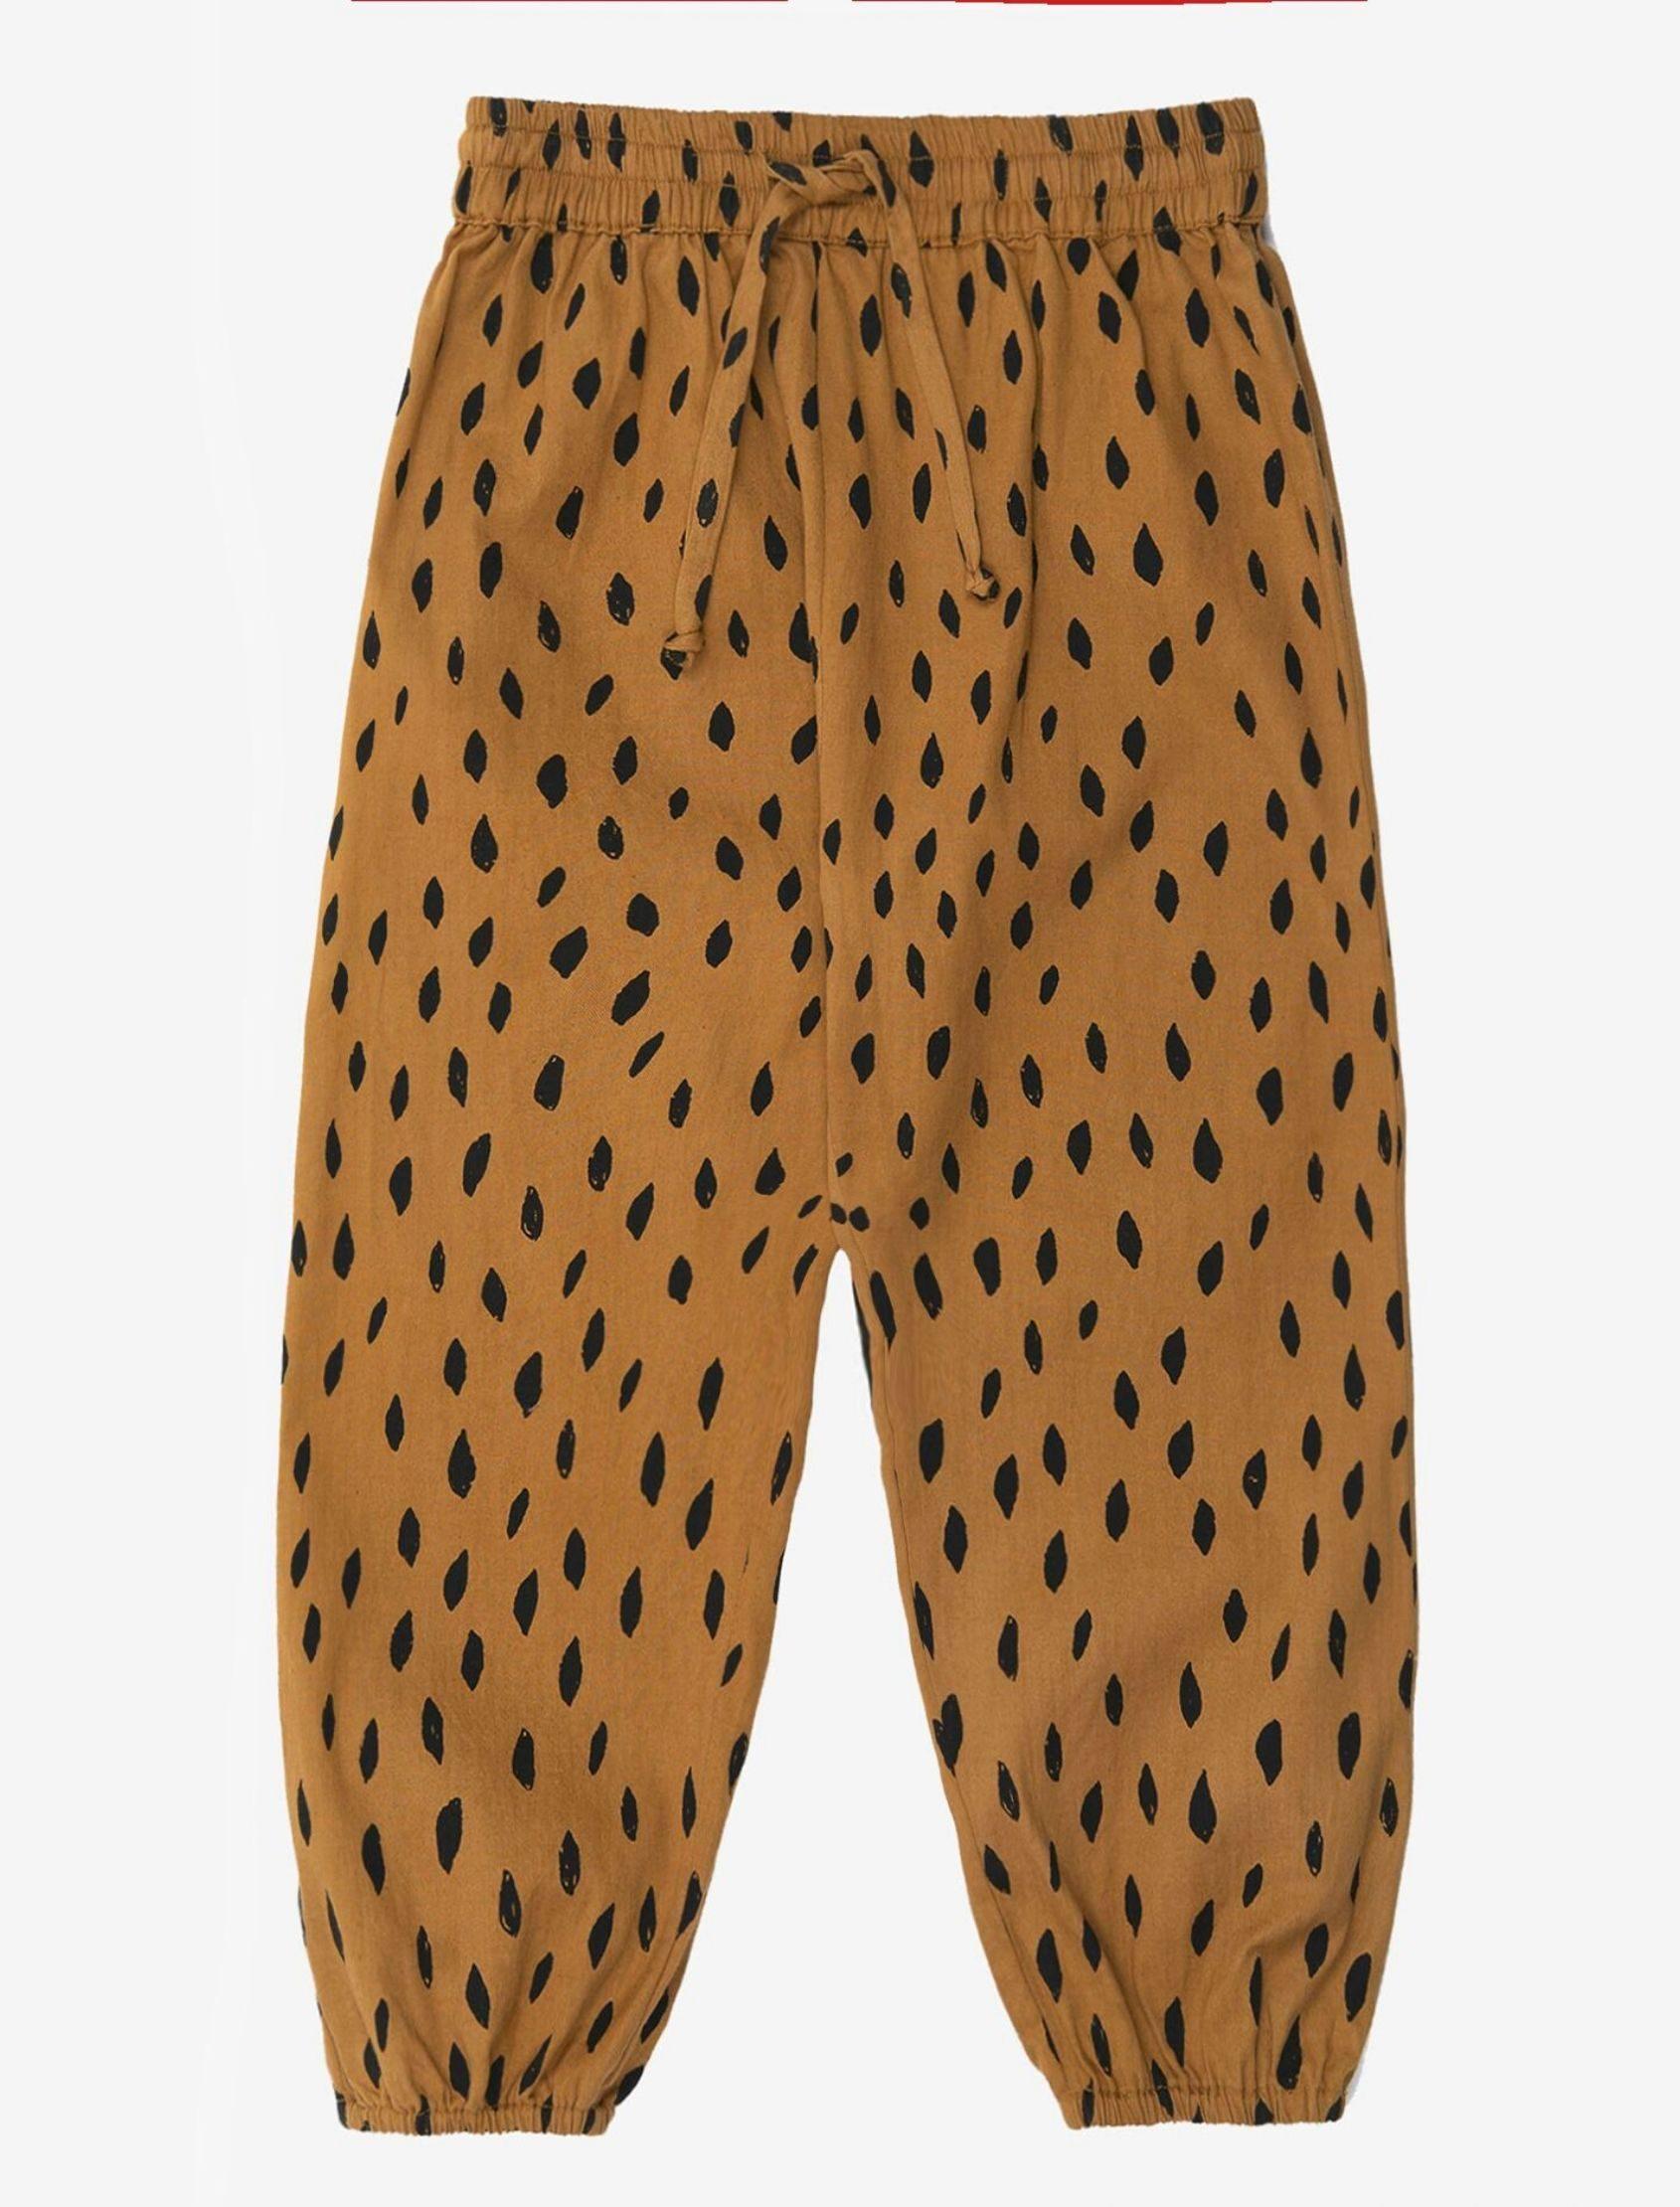 Pantalon estilo bombacho en color marrón con manchas en negro de nadadelazos